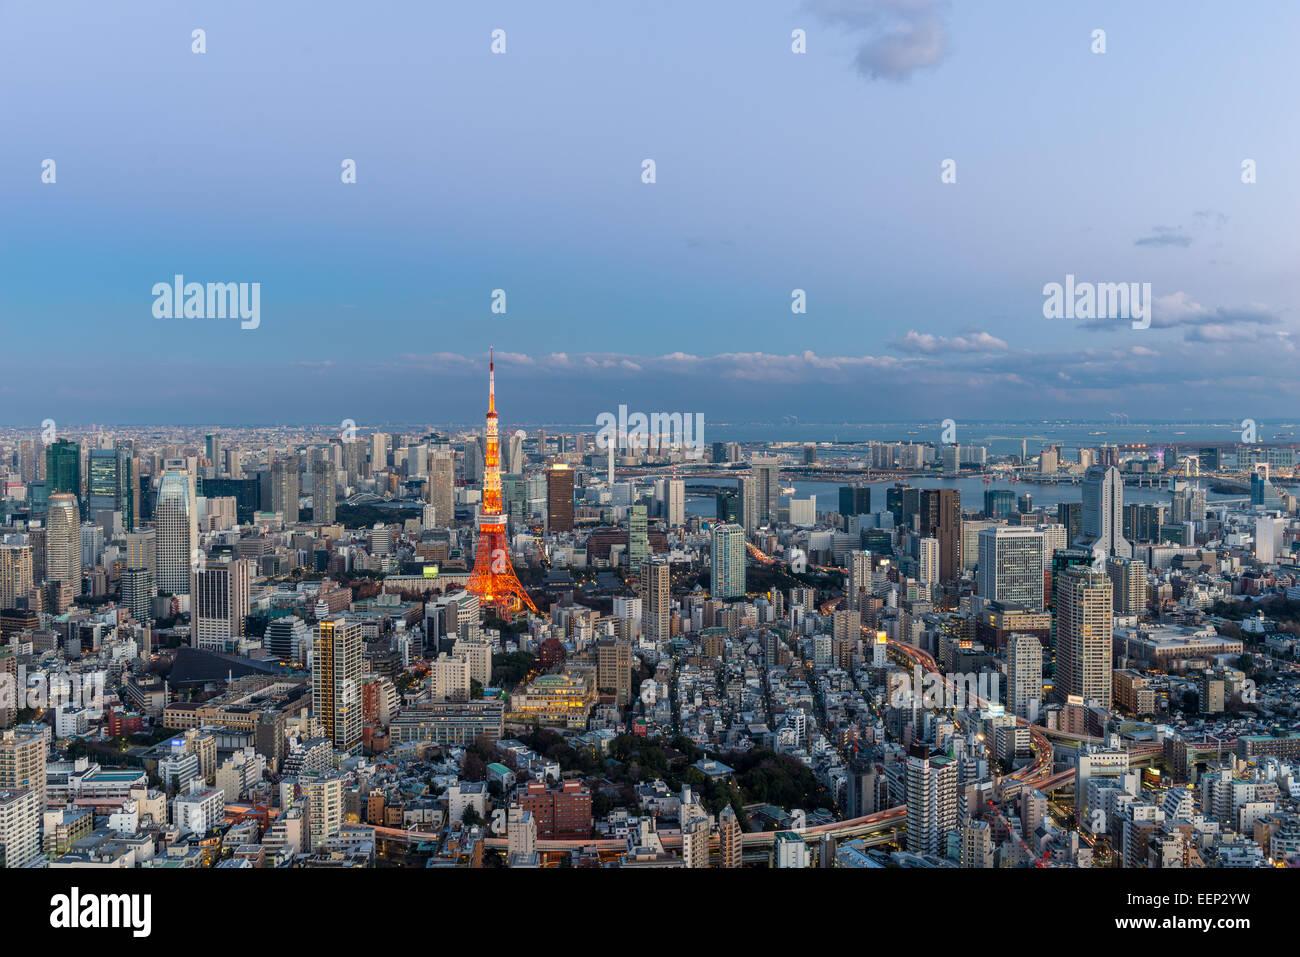 Tokyo Tower zeichnet sich das Stadtbild von Tokio als Abend Ansätze. Stockfoto